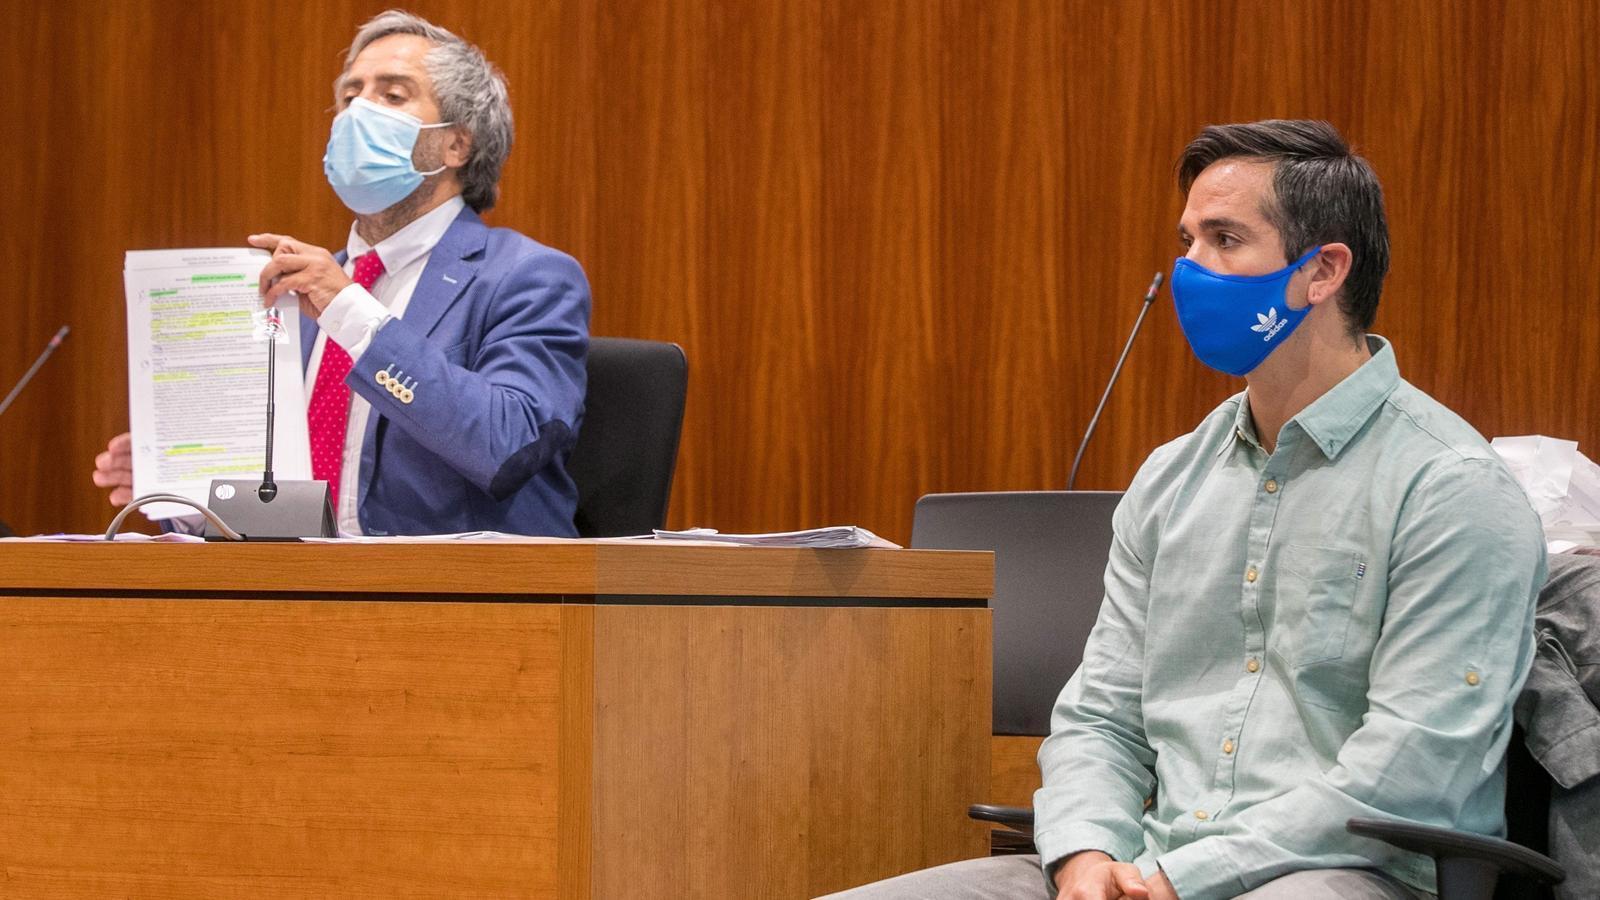 Rodrigo Lanza i el seu advocat, a l'esquera, durant la primera sessió del nou judici per la mort d'un home en un bar de Saragossa el 2017